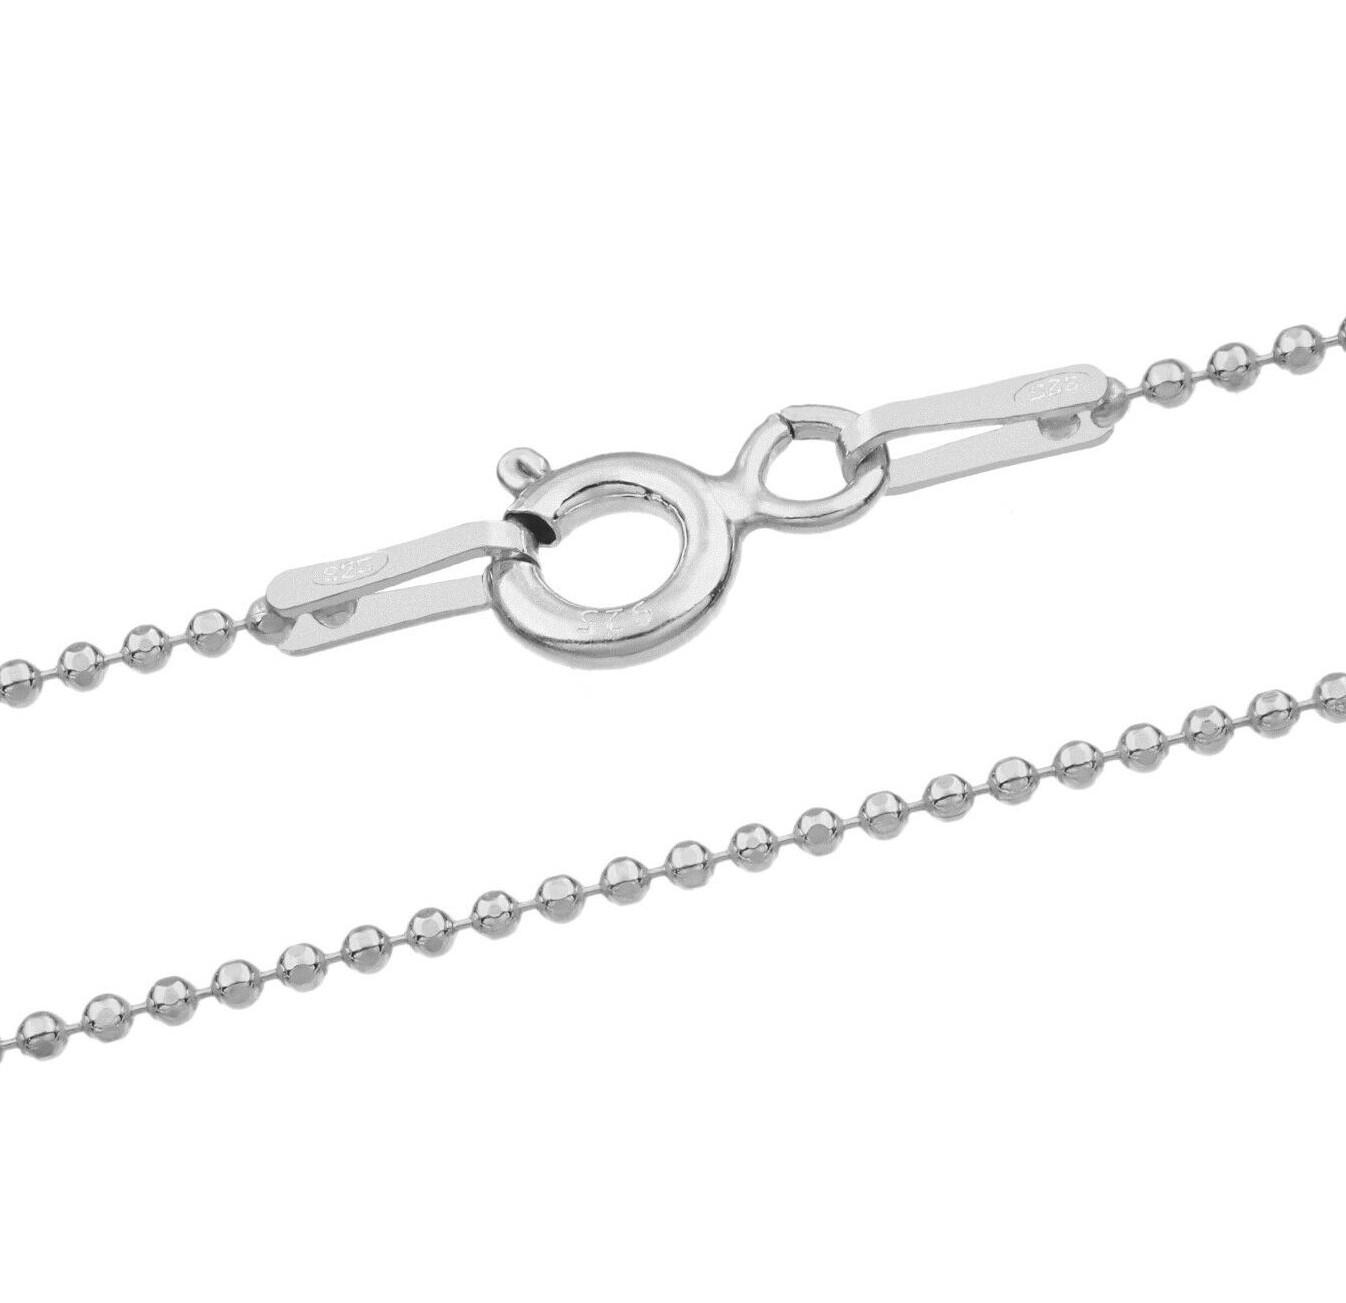 Filigrane Kugelkette aus 925er Silber - in diversen Längen wählbar